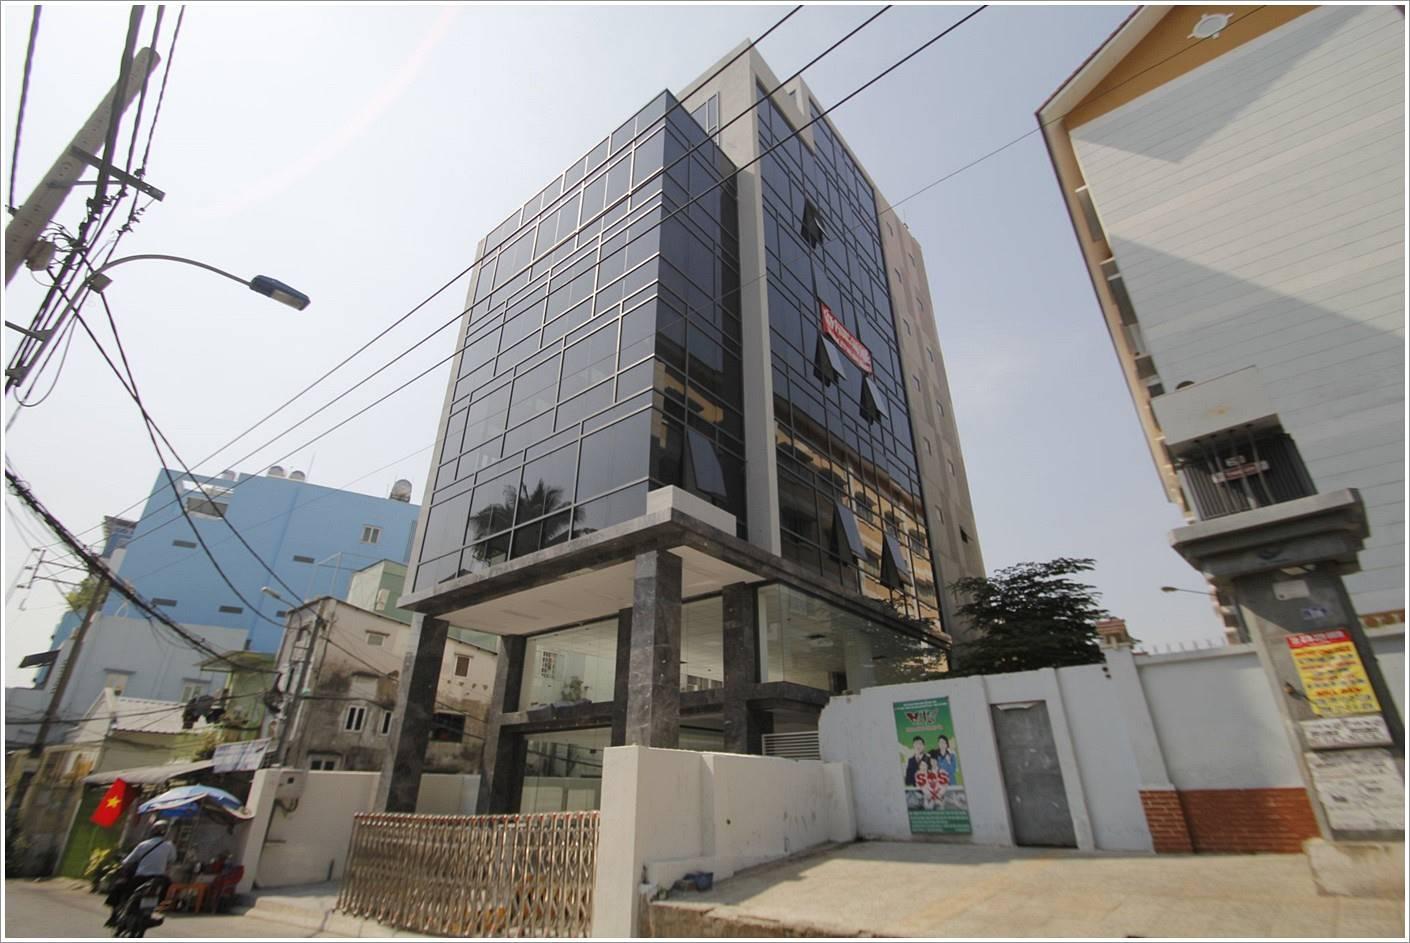 tsa-building-le-quy-don-quan-phu-nhuan-van-phong-cho-thue-tphcm-5real.vn-01